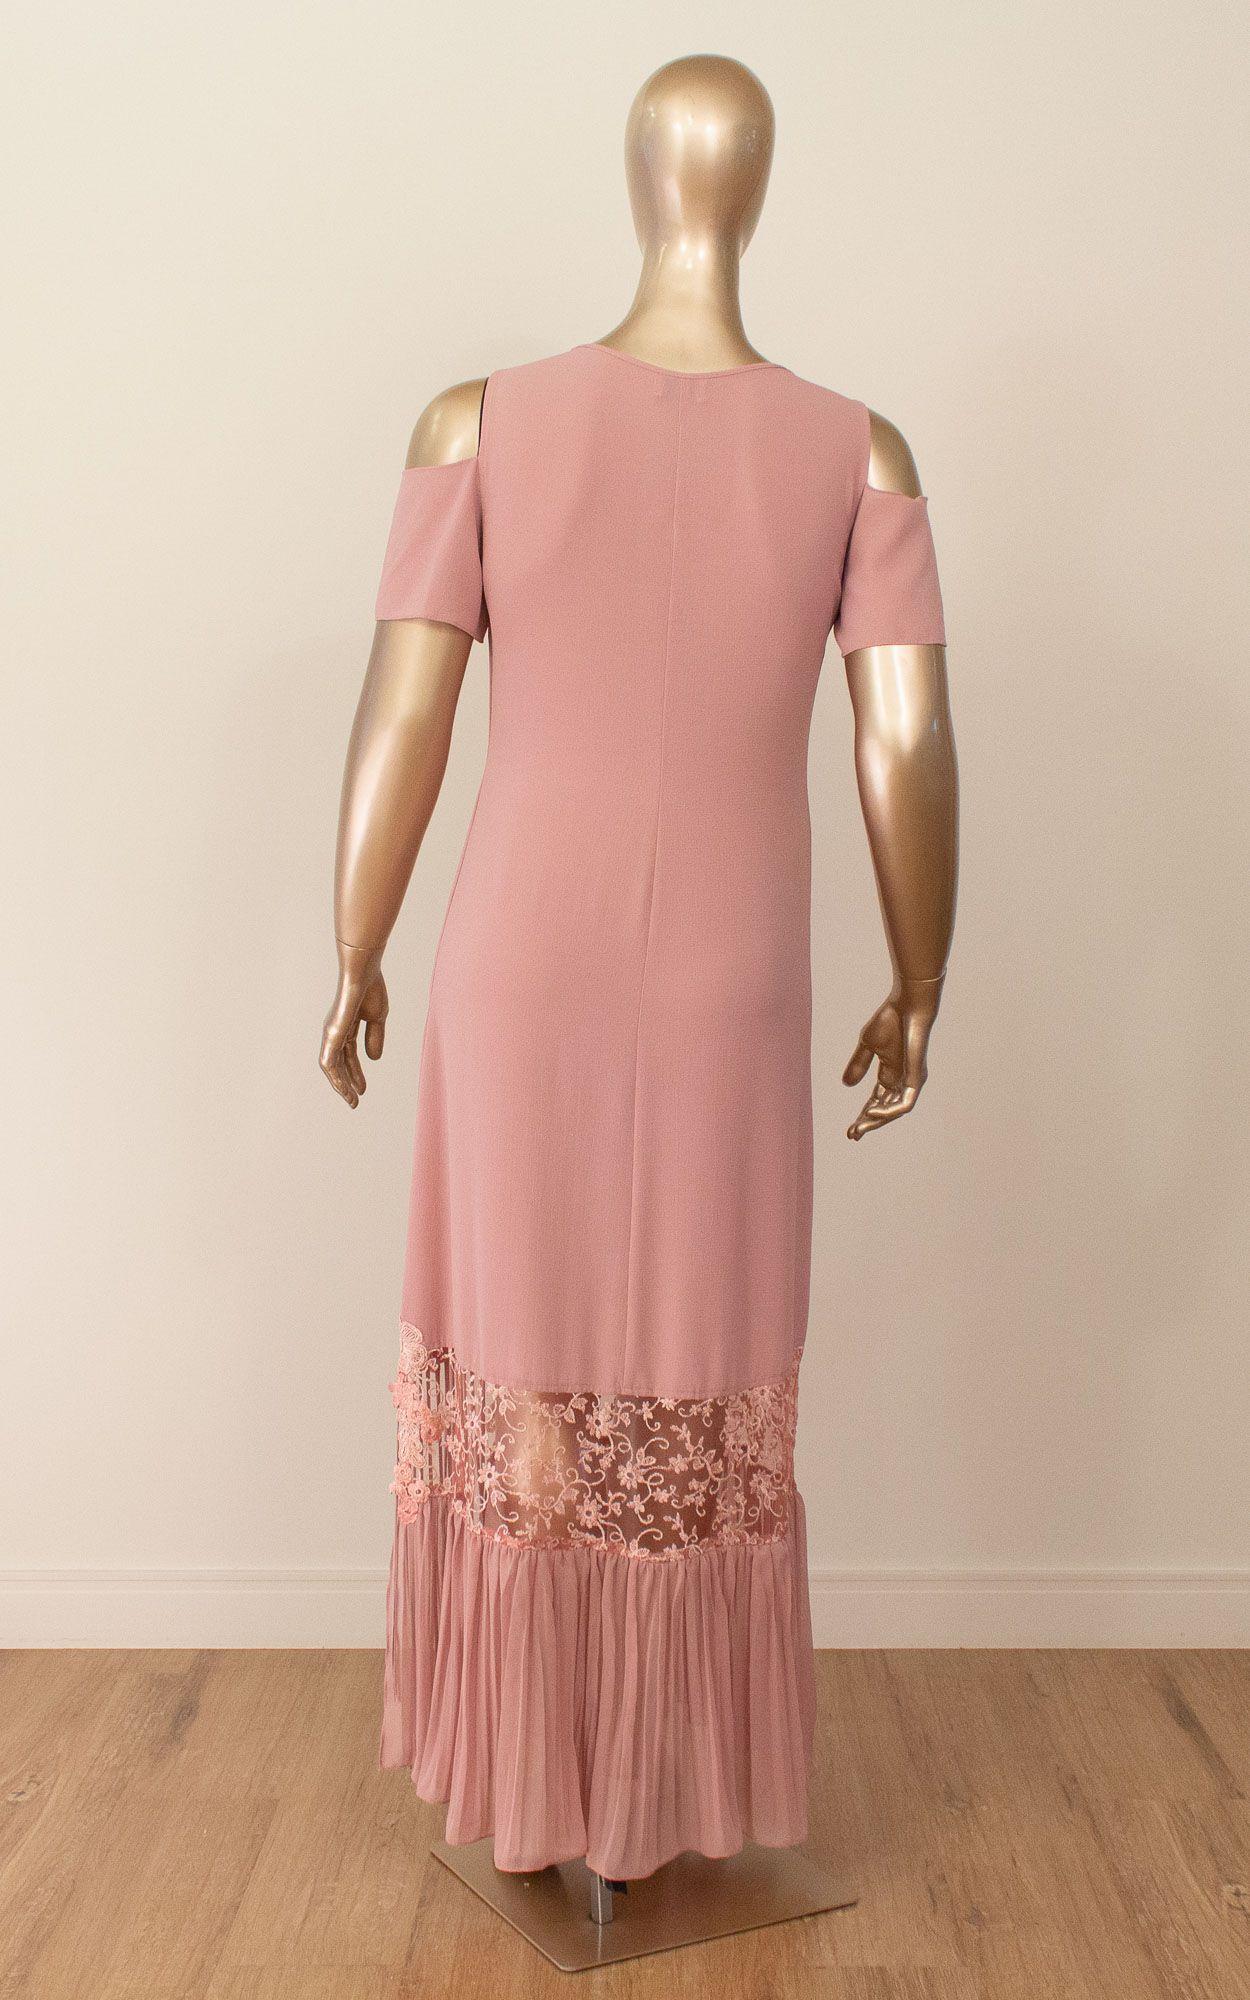 Vestido longo com detalhes em renda e franjas